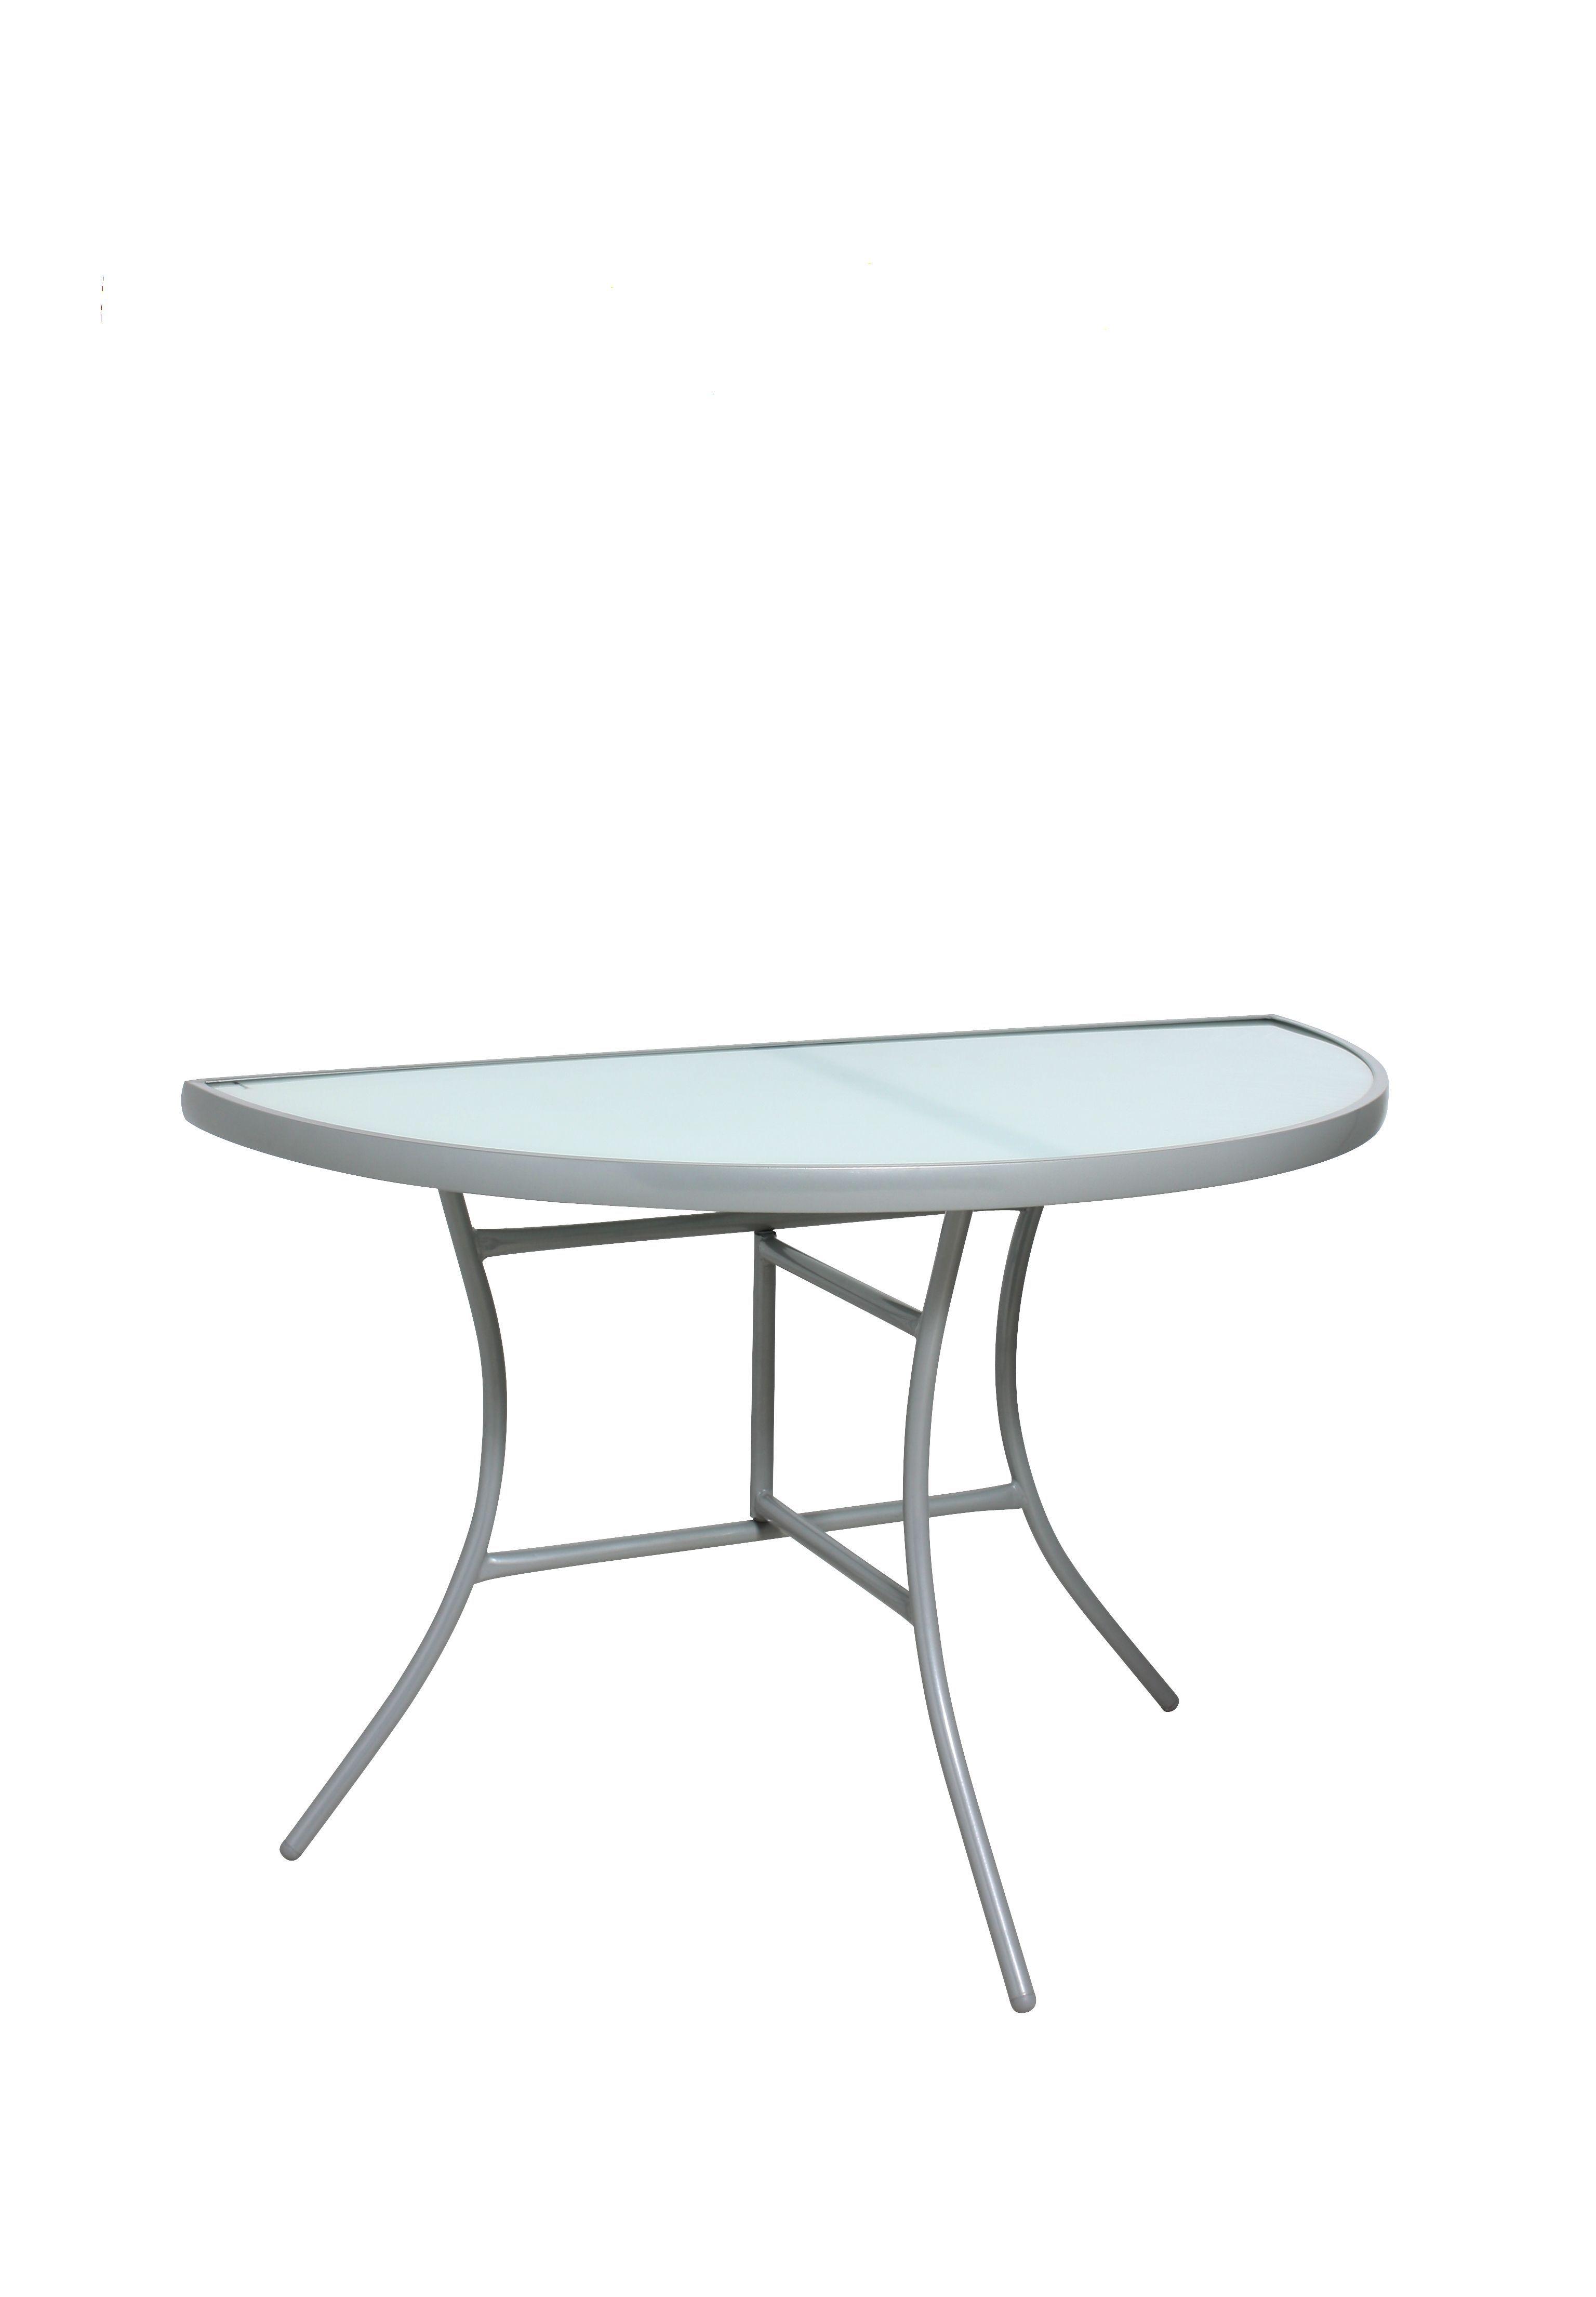 wandtisch halbrund tisch halbrund konsole wandtisch holz anrichte ebay with wandtisch halbrund. Black Bedroom Furniture Sets. Home Design Ideas